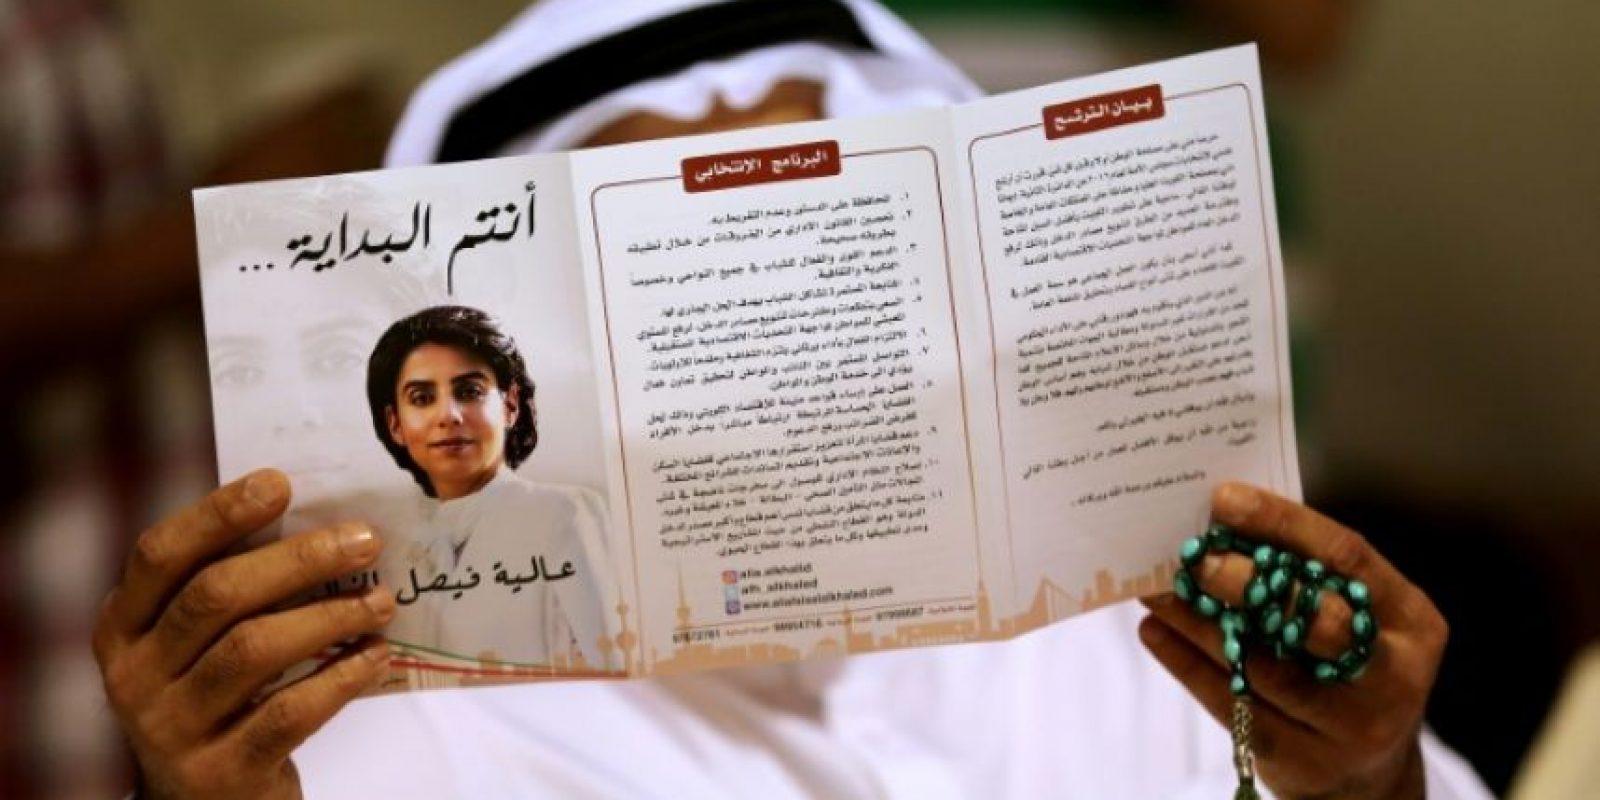 Un kuwaití sostiene un panfleto electoral durante un mitin de la candidata parlamentaria Alia al Jaled, en Kuwait, el 7 de noviembre de 2016 Foto:Yasser Al-Zayyat/afp.com